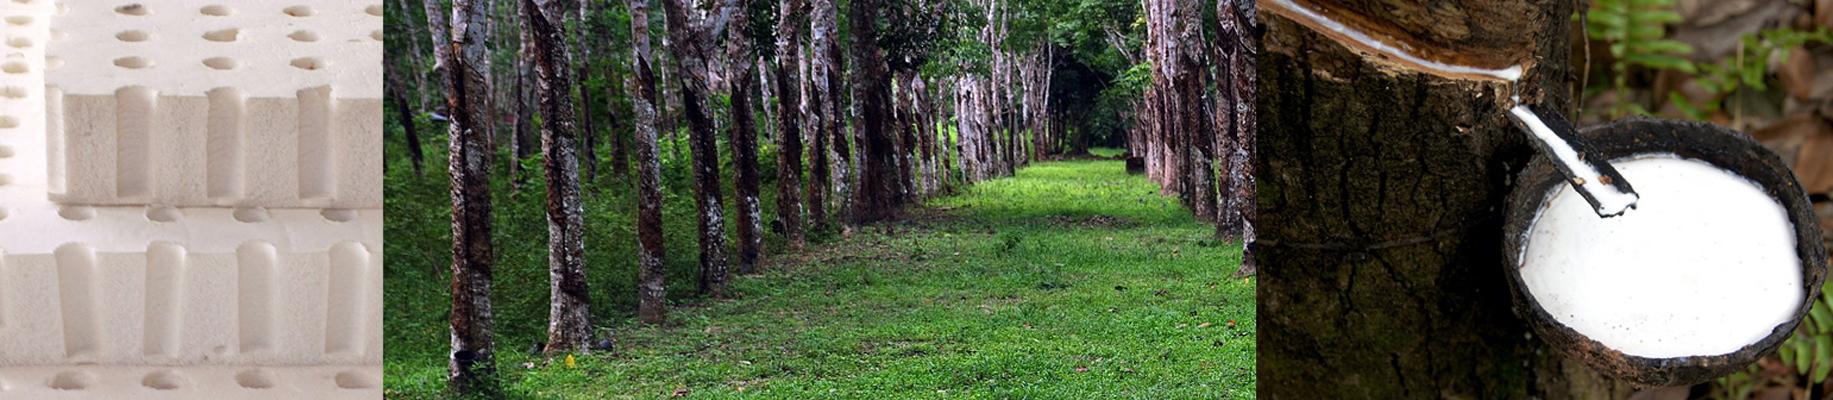 Naturlatex-Panorama.jpg